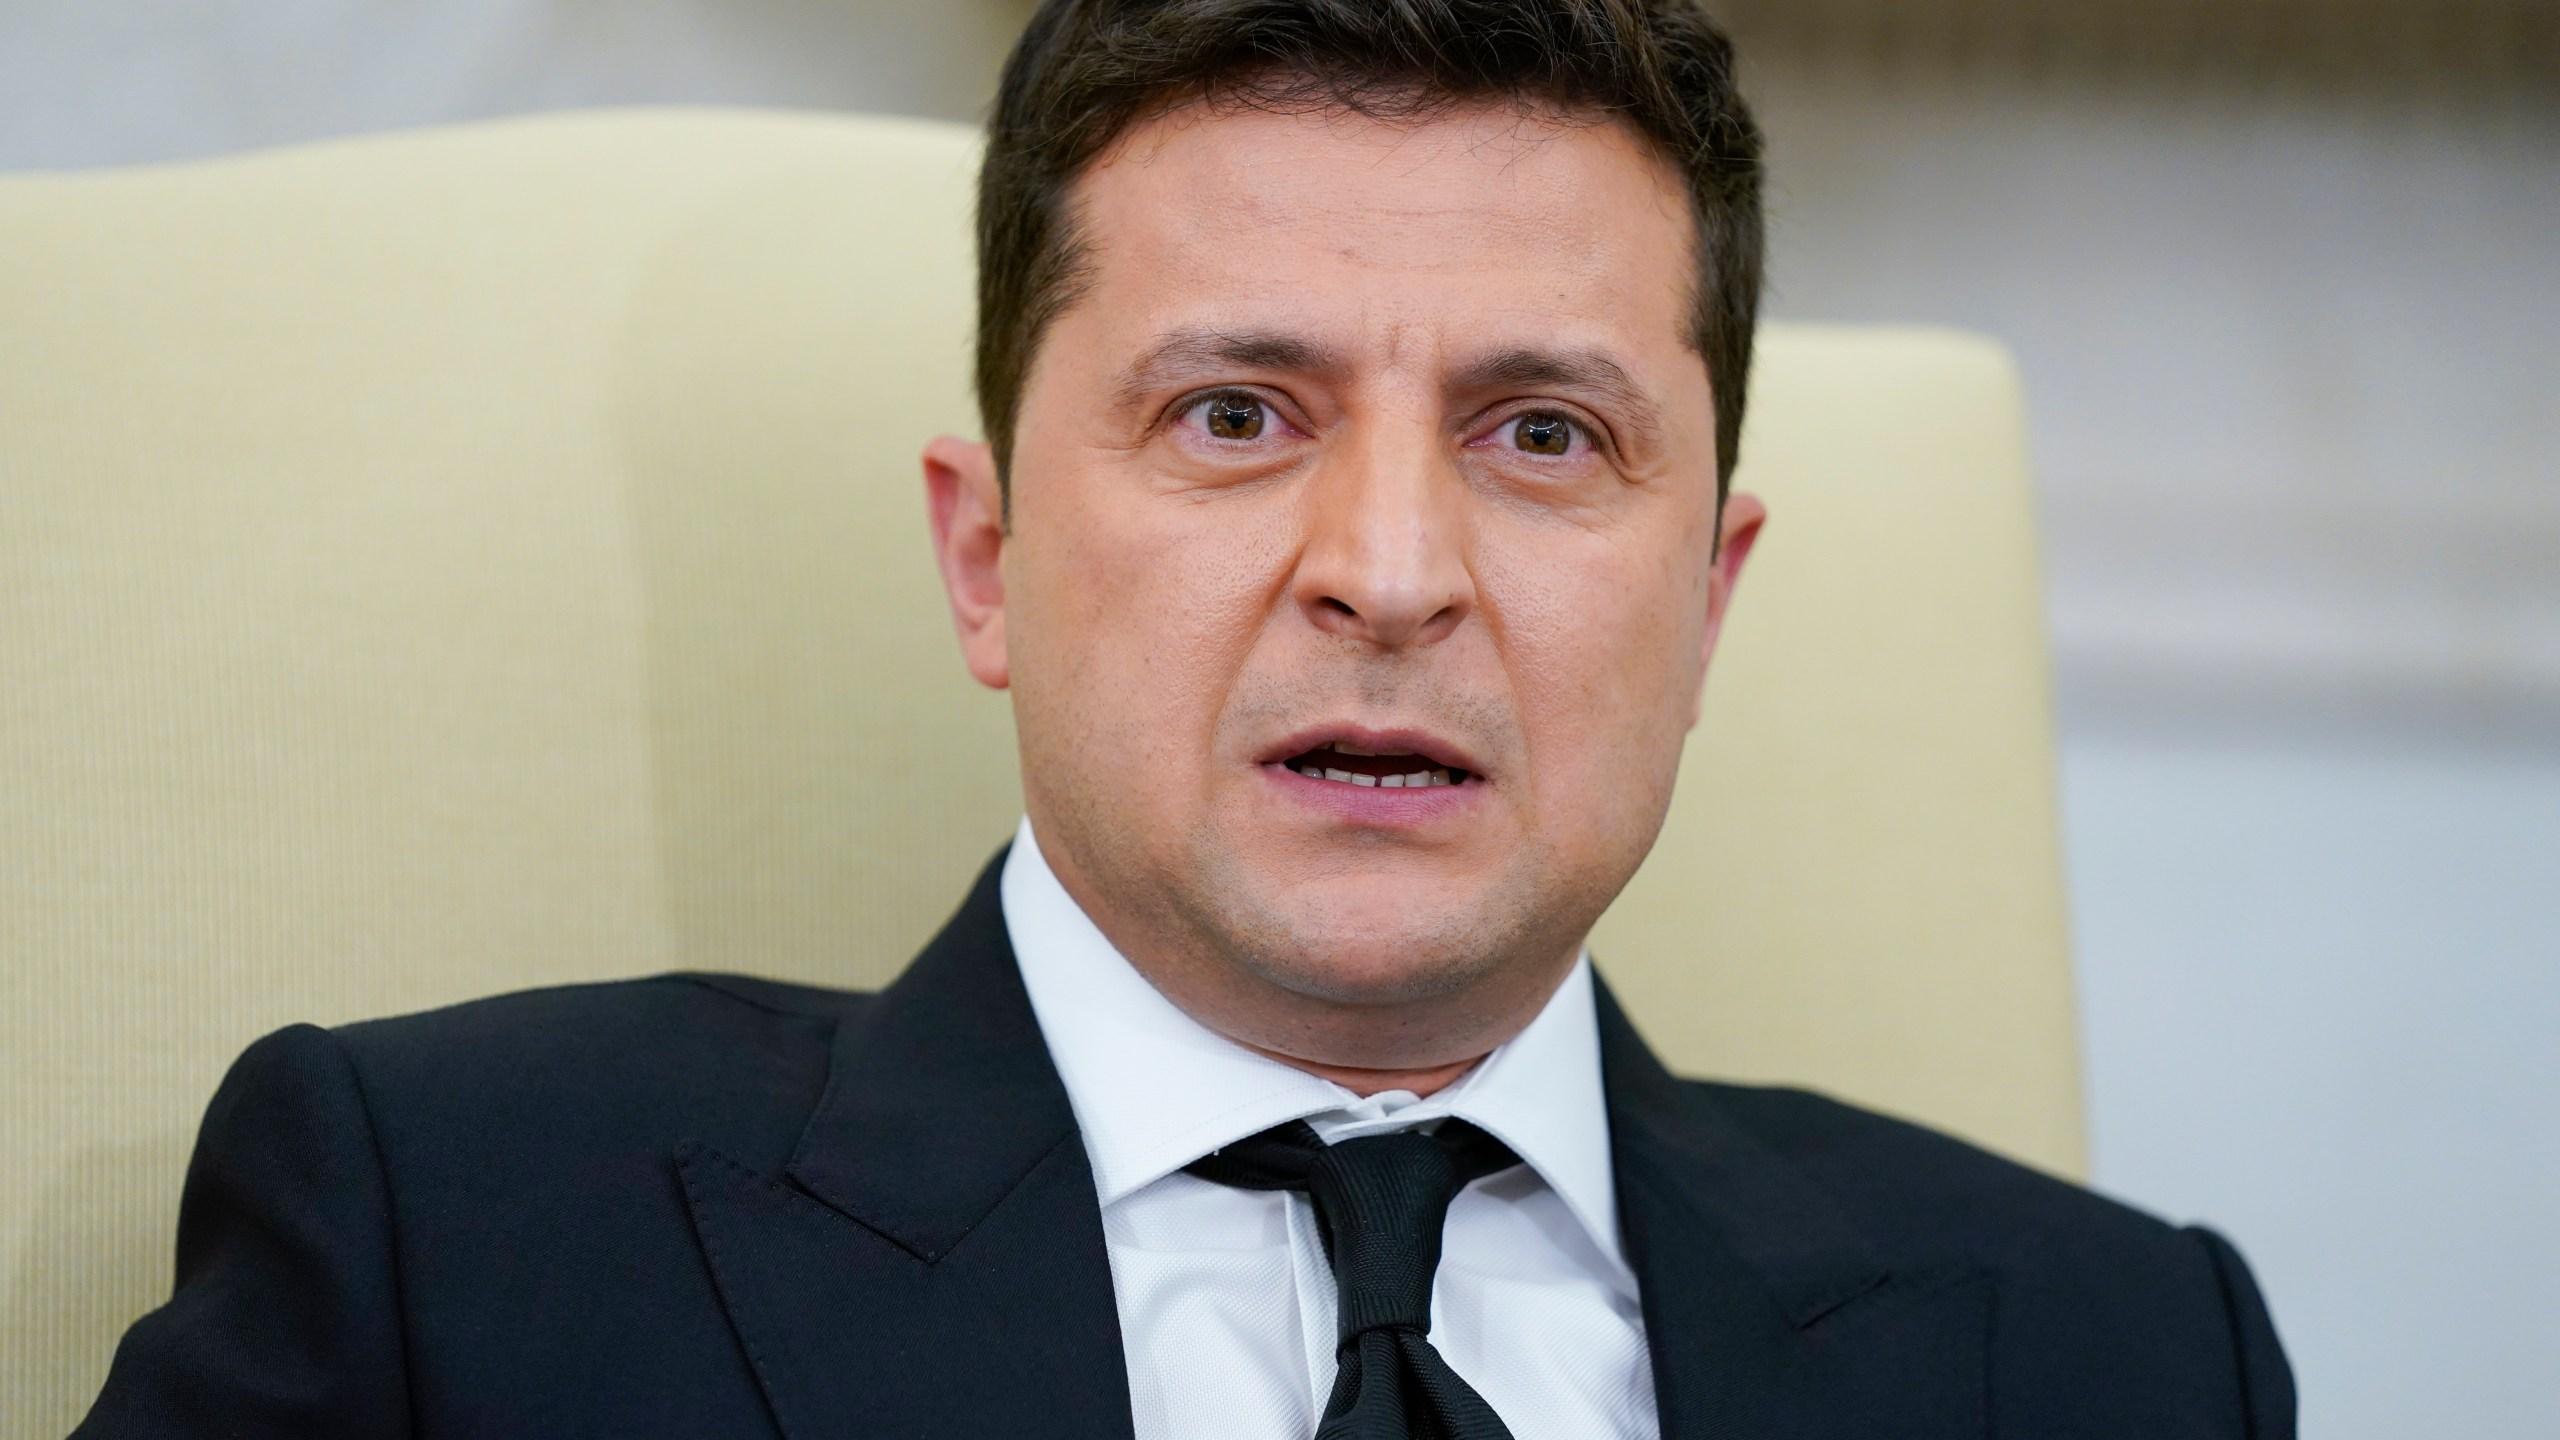 Volodymyr Zelenskyy